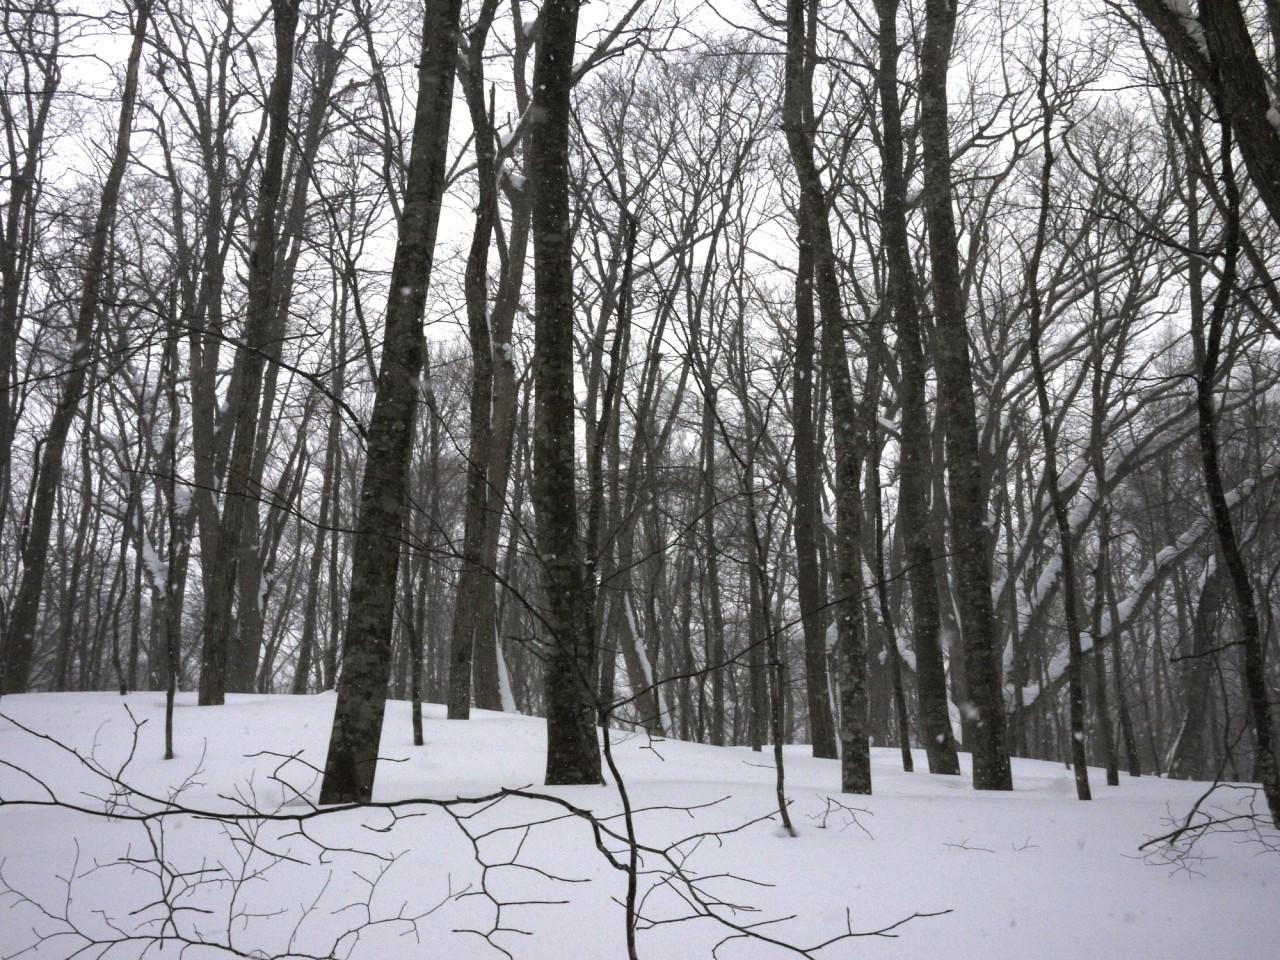 青森 上北 十和田市 風景 冬 雪 森林 雪原